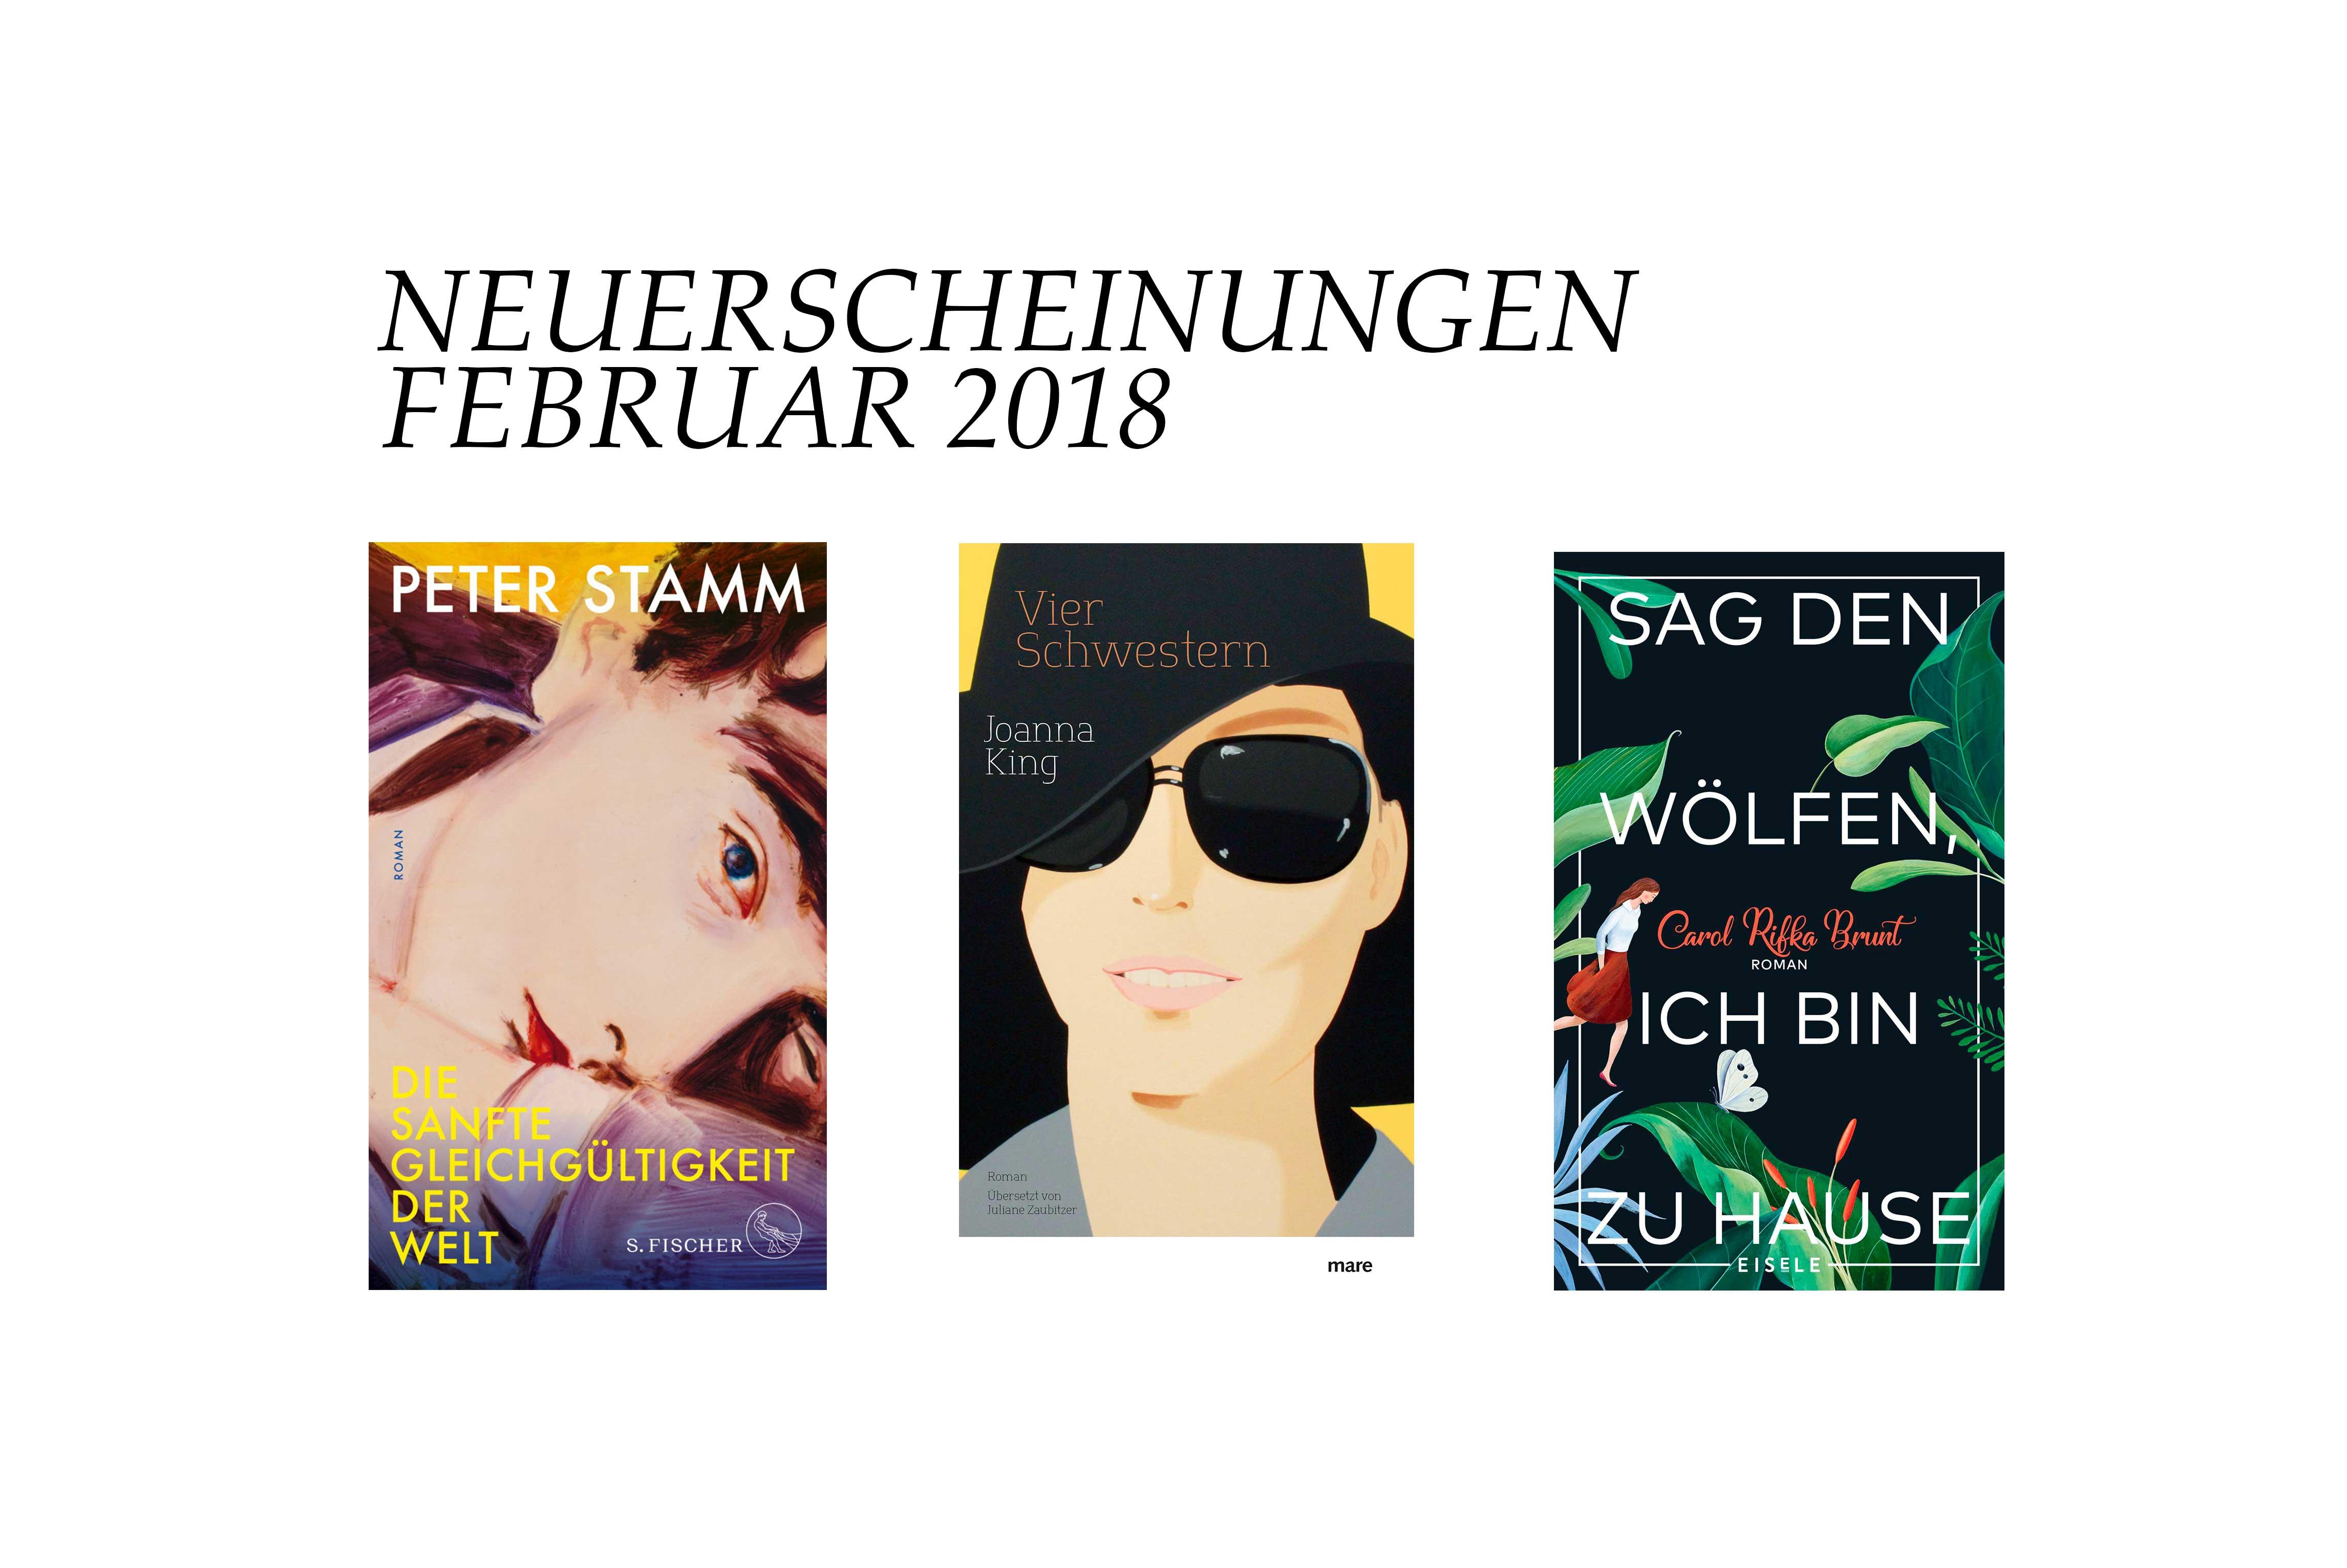 buchneuerscheinungen-buch-im-februar-2018-schonhalbelf-buchblog-vier-schwestern-sag-den-woelfen-ich-bin-zu-hause